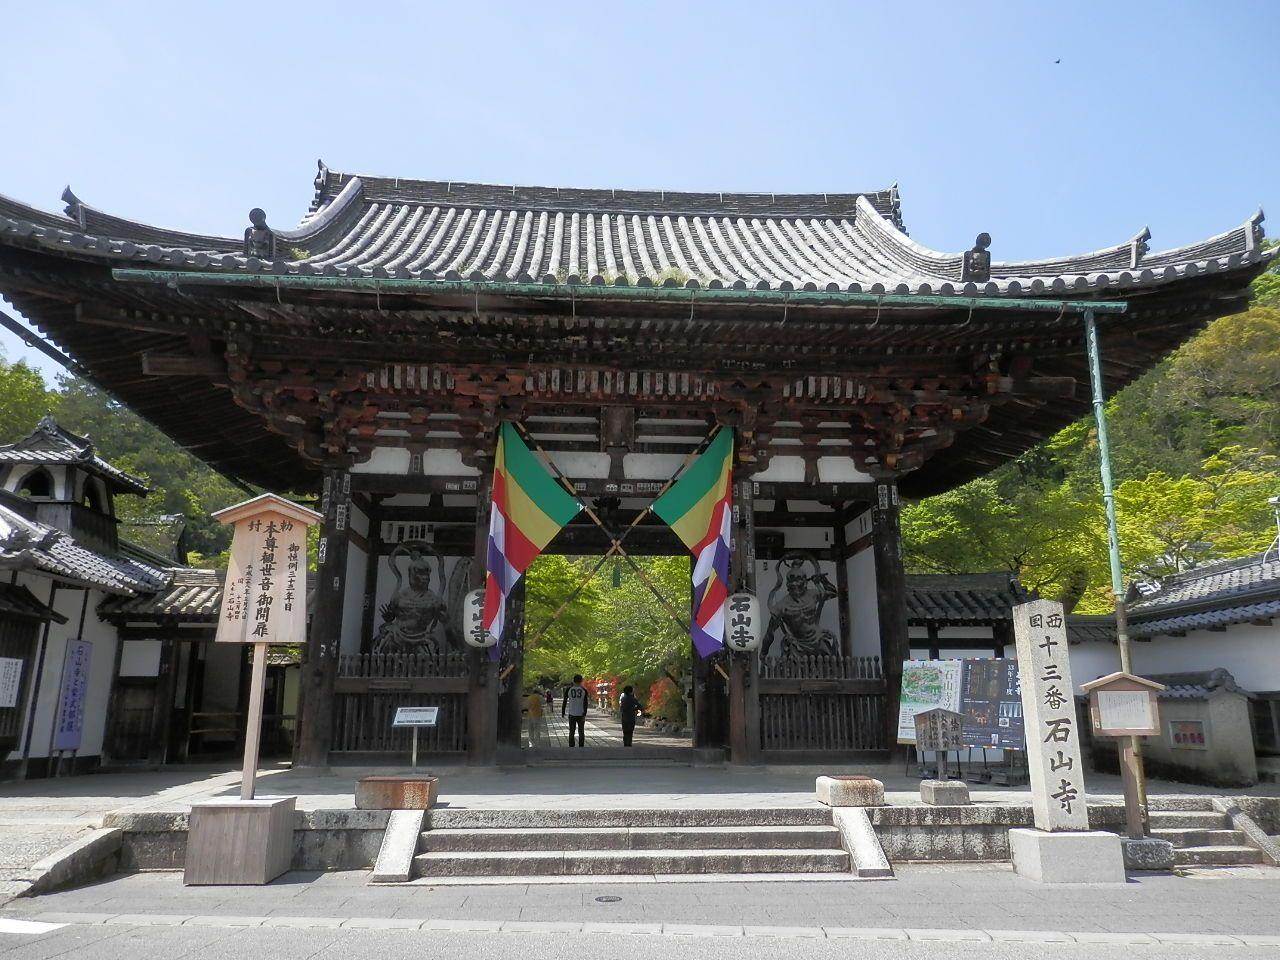 石山寺の始まりは奈良時代、聖武天皇との縁も深かった